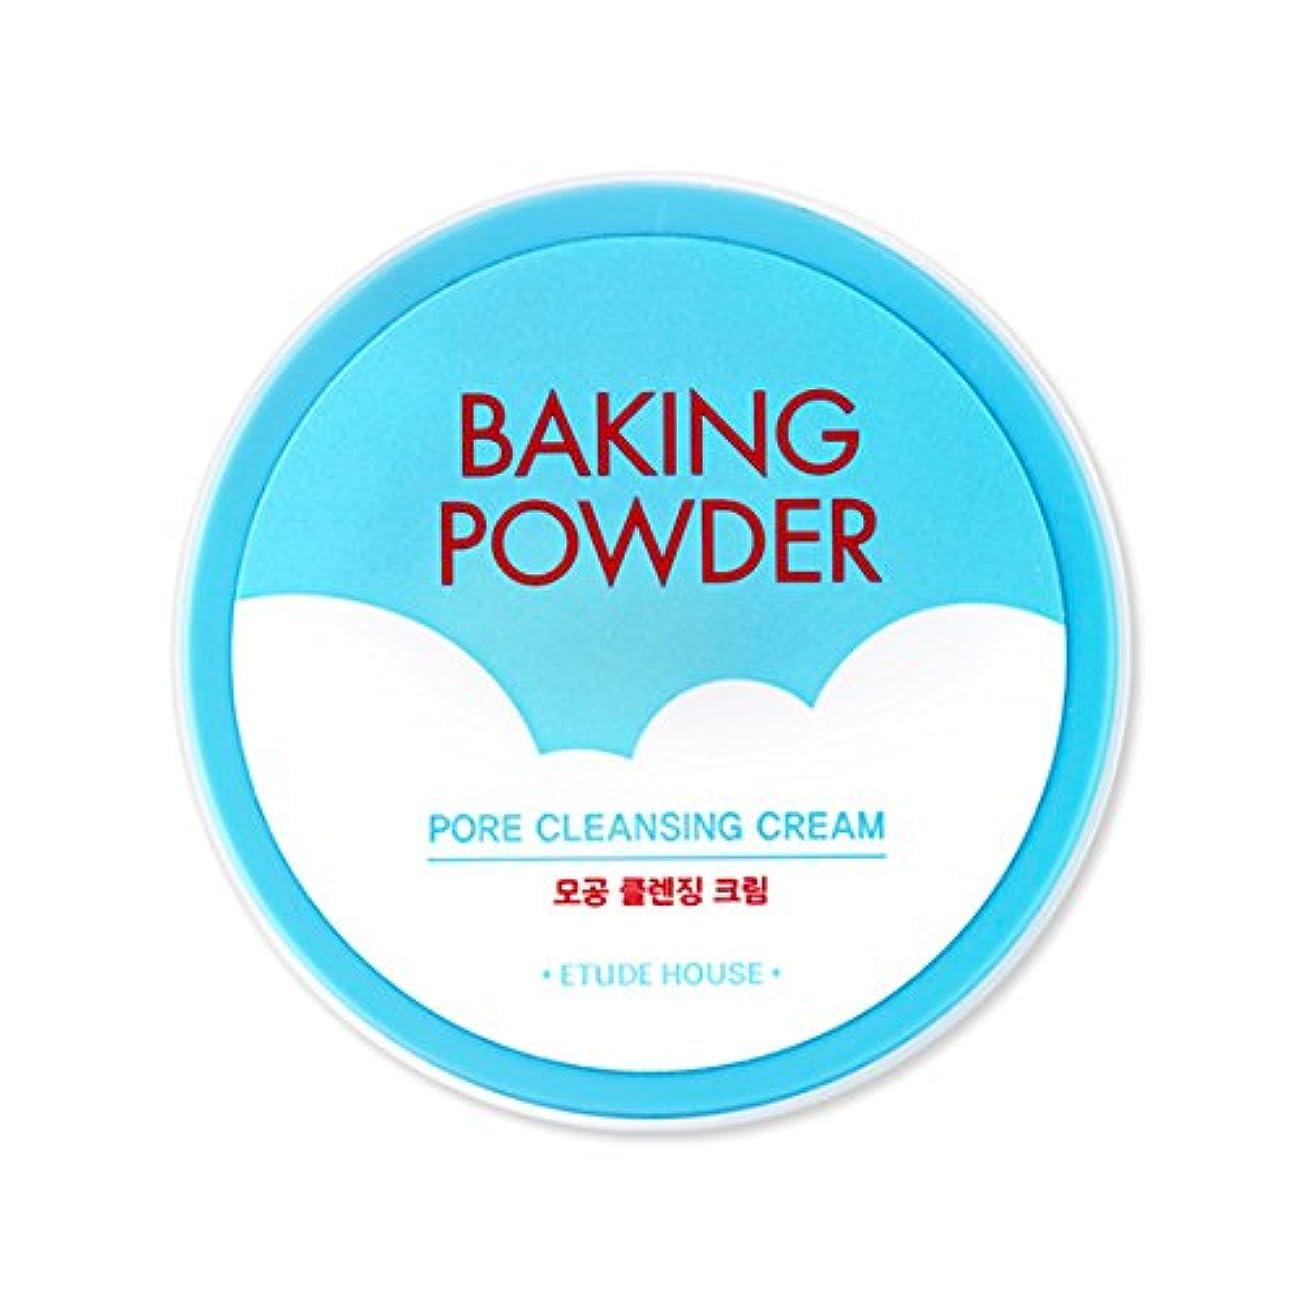 背の高い論文絶対に[2016 Upgrade!] ETUDE HOUSE Baking Powder Pore Cleansing Cream 180ml/エチュードハウス ベーキング パウダー ポア クレンジング クリーム 180ml...